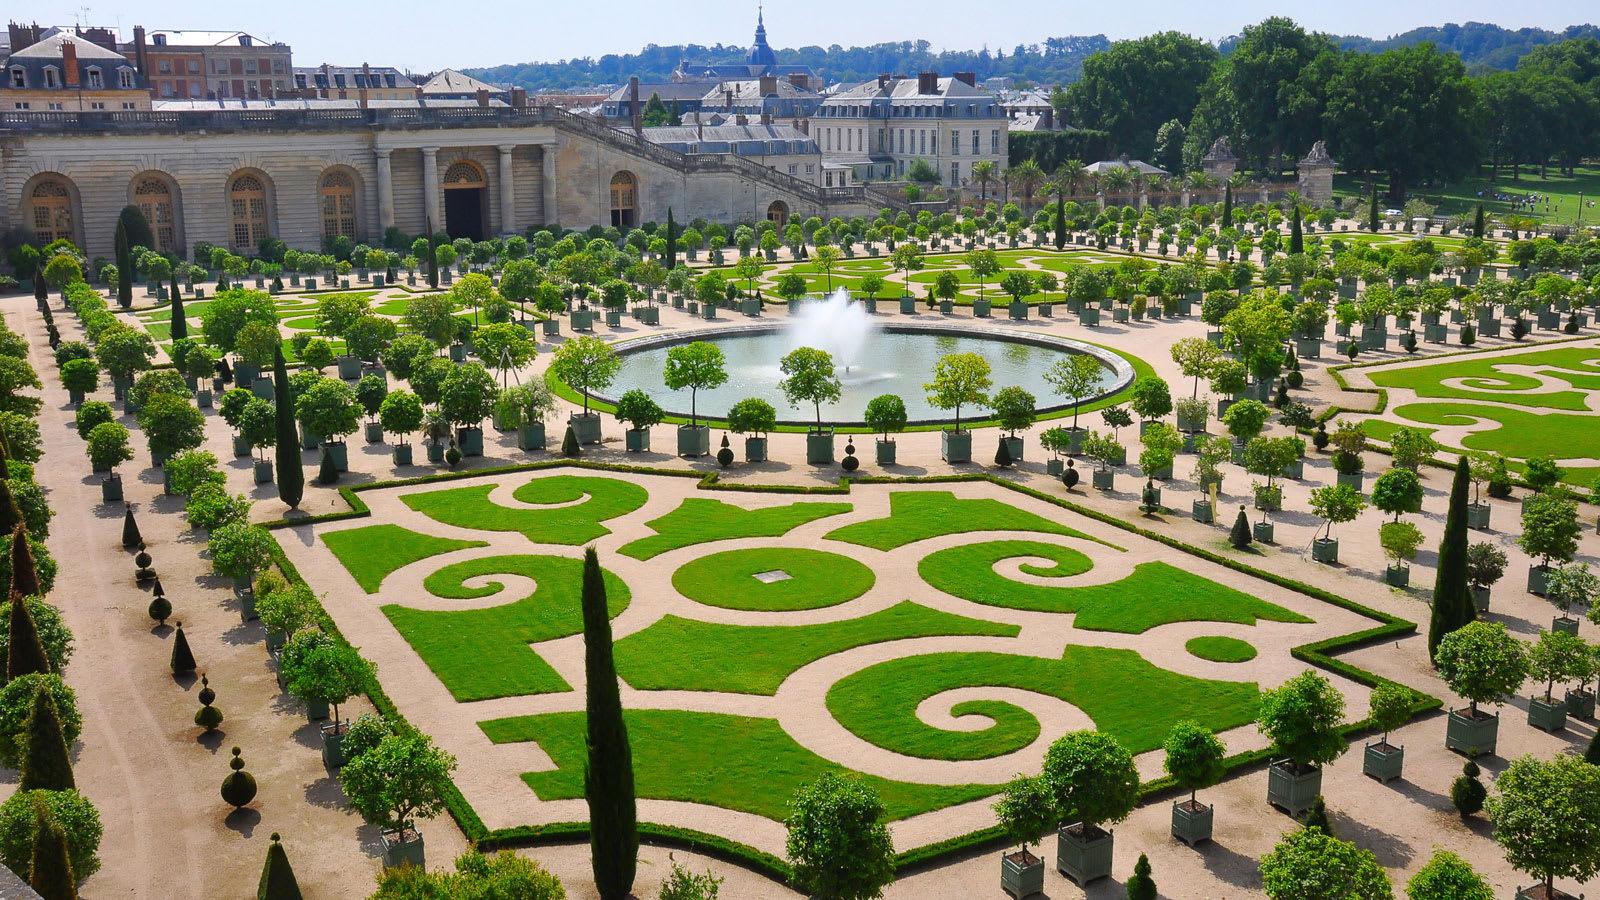 قصر فرساي الفرنسي التاريخي يعيد فتح أبوابه لأول مرة منذ شهر .. لكن هل سيأتي الزوار؟